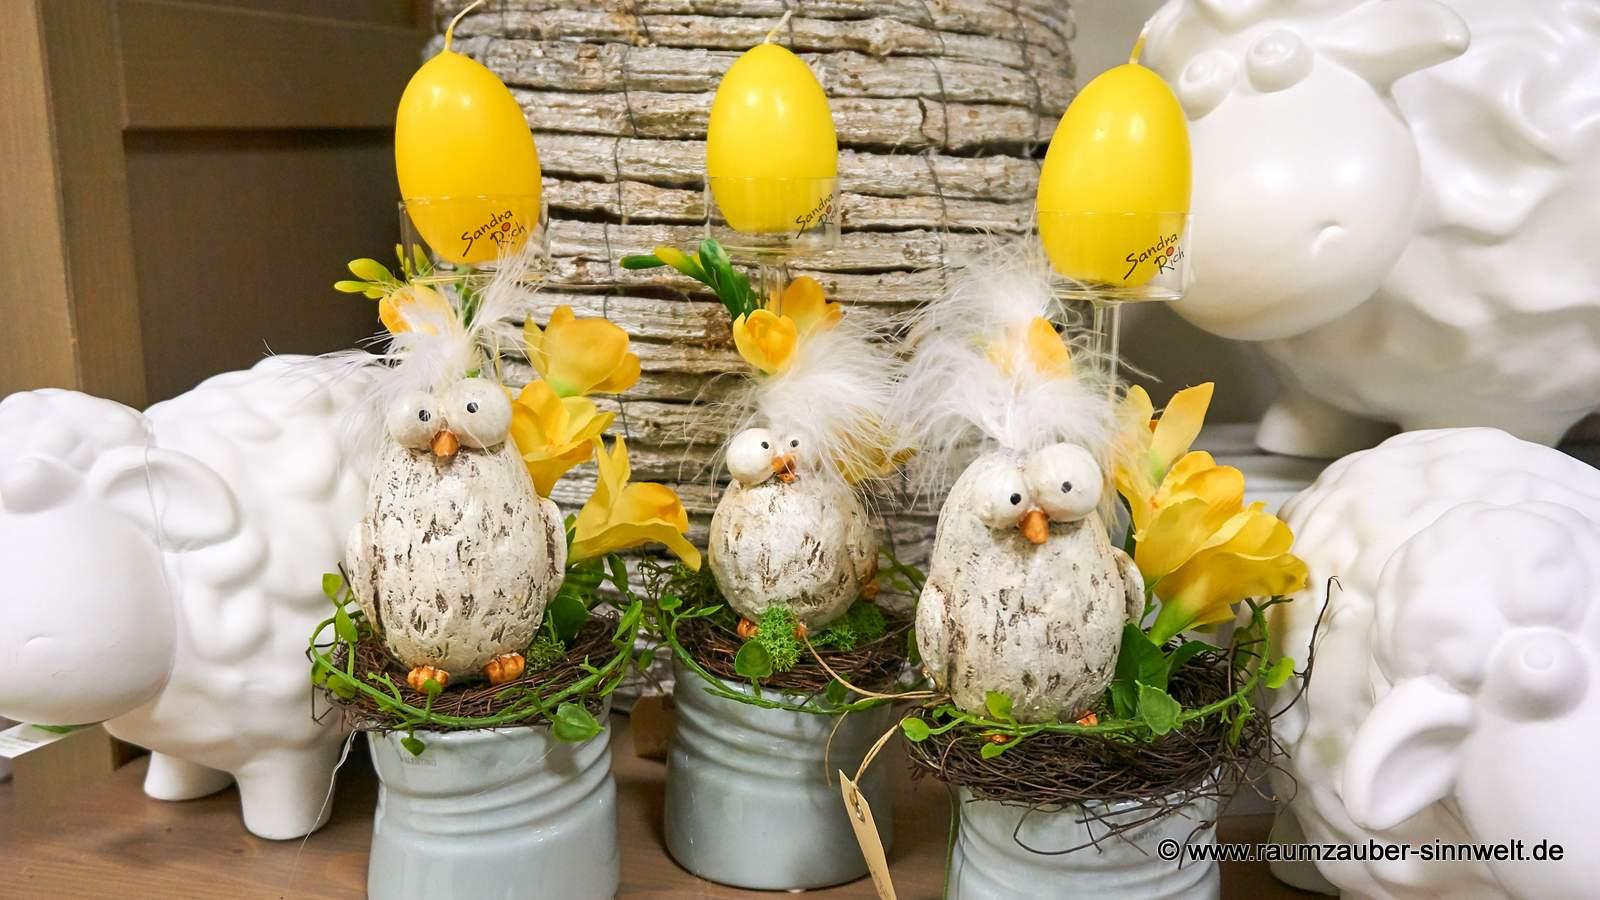 österlich dekorierte Oster-Hühner und Outdoor-Schafe Frida von formano